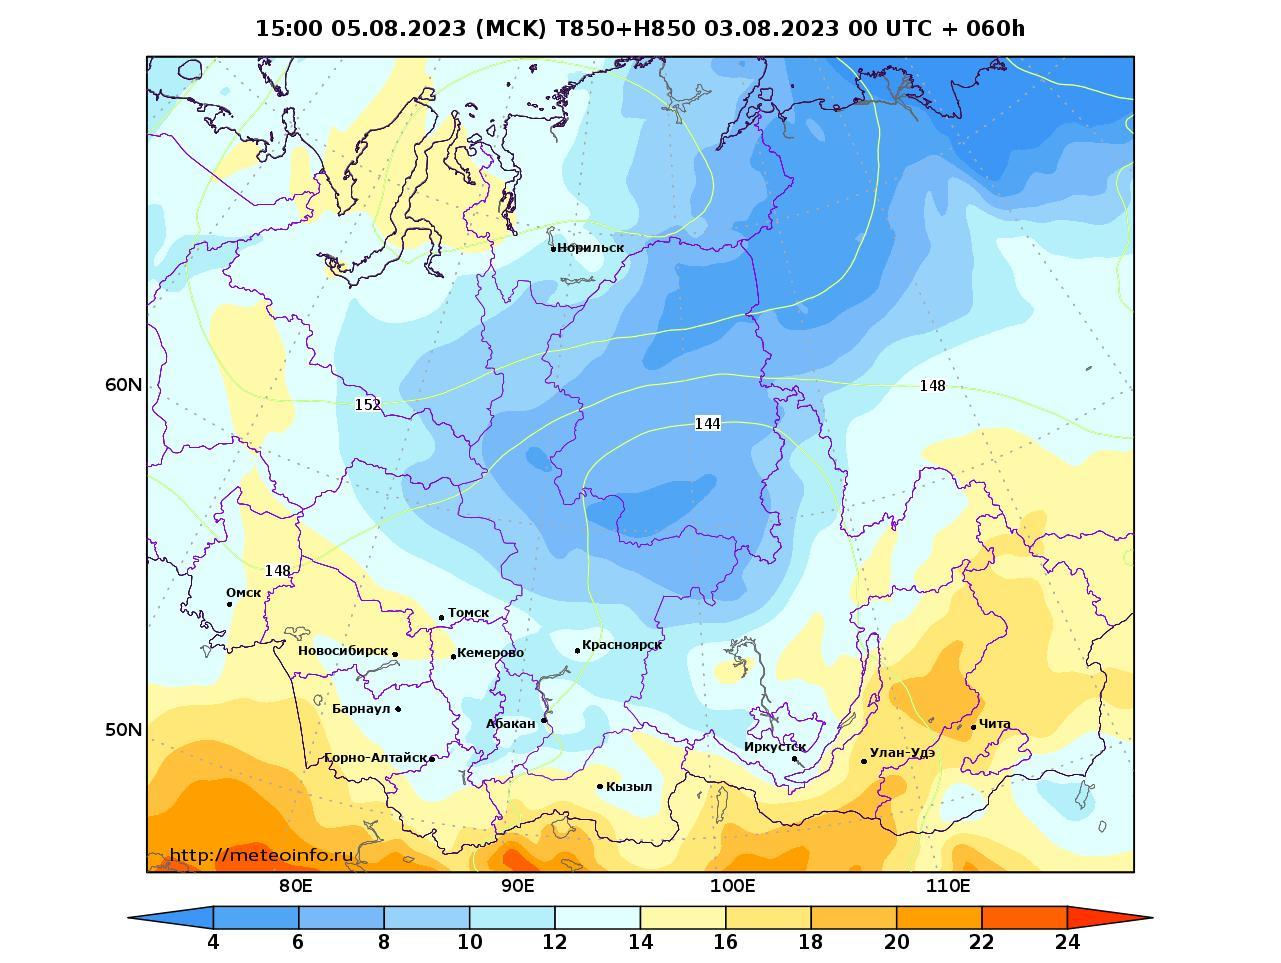 Сибирский Федеральный округ, прогностическая карта температура T850 и геопотенциал H850, заблаговременность прогноза 60 часов